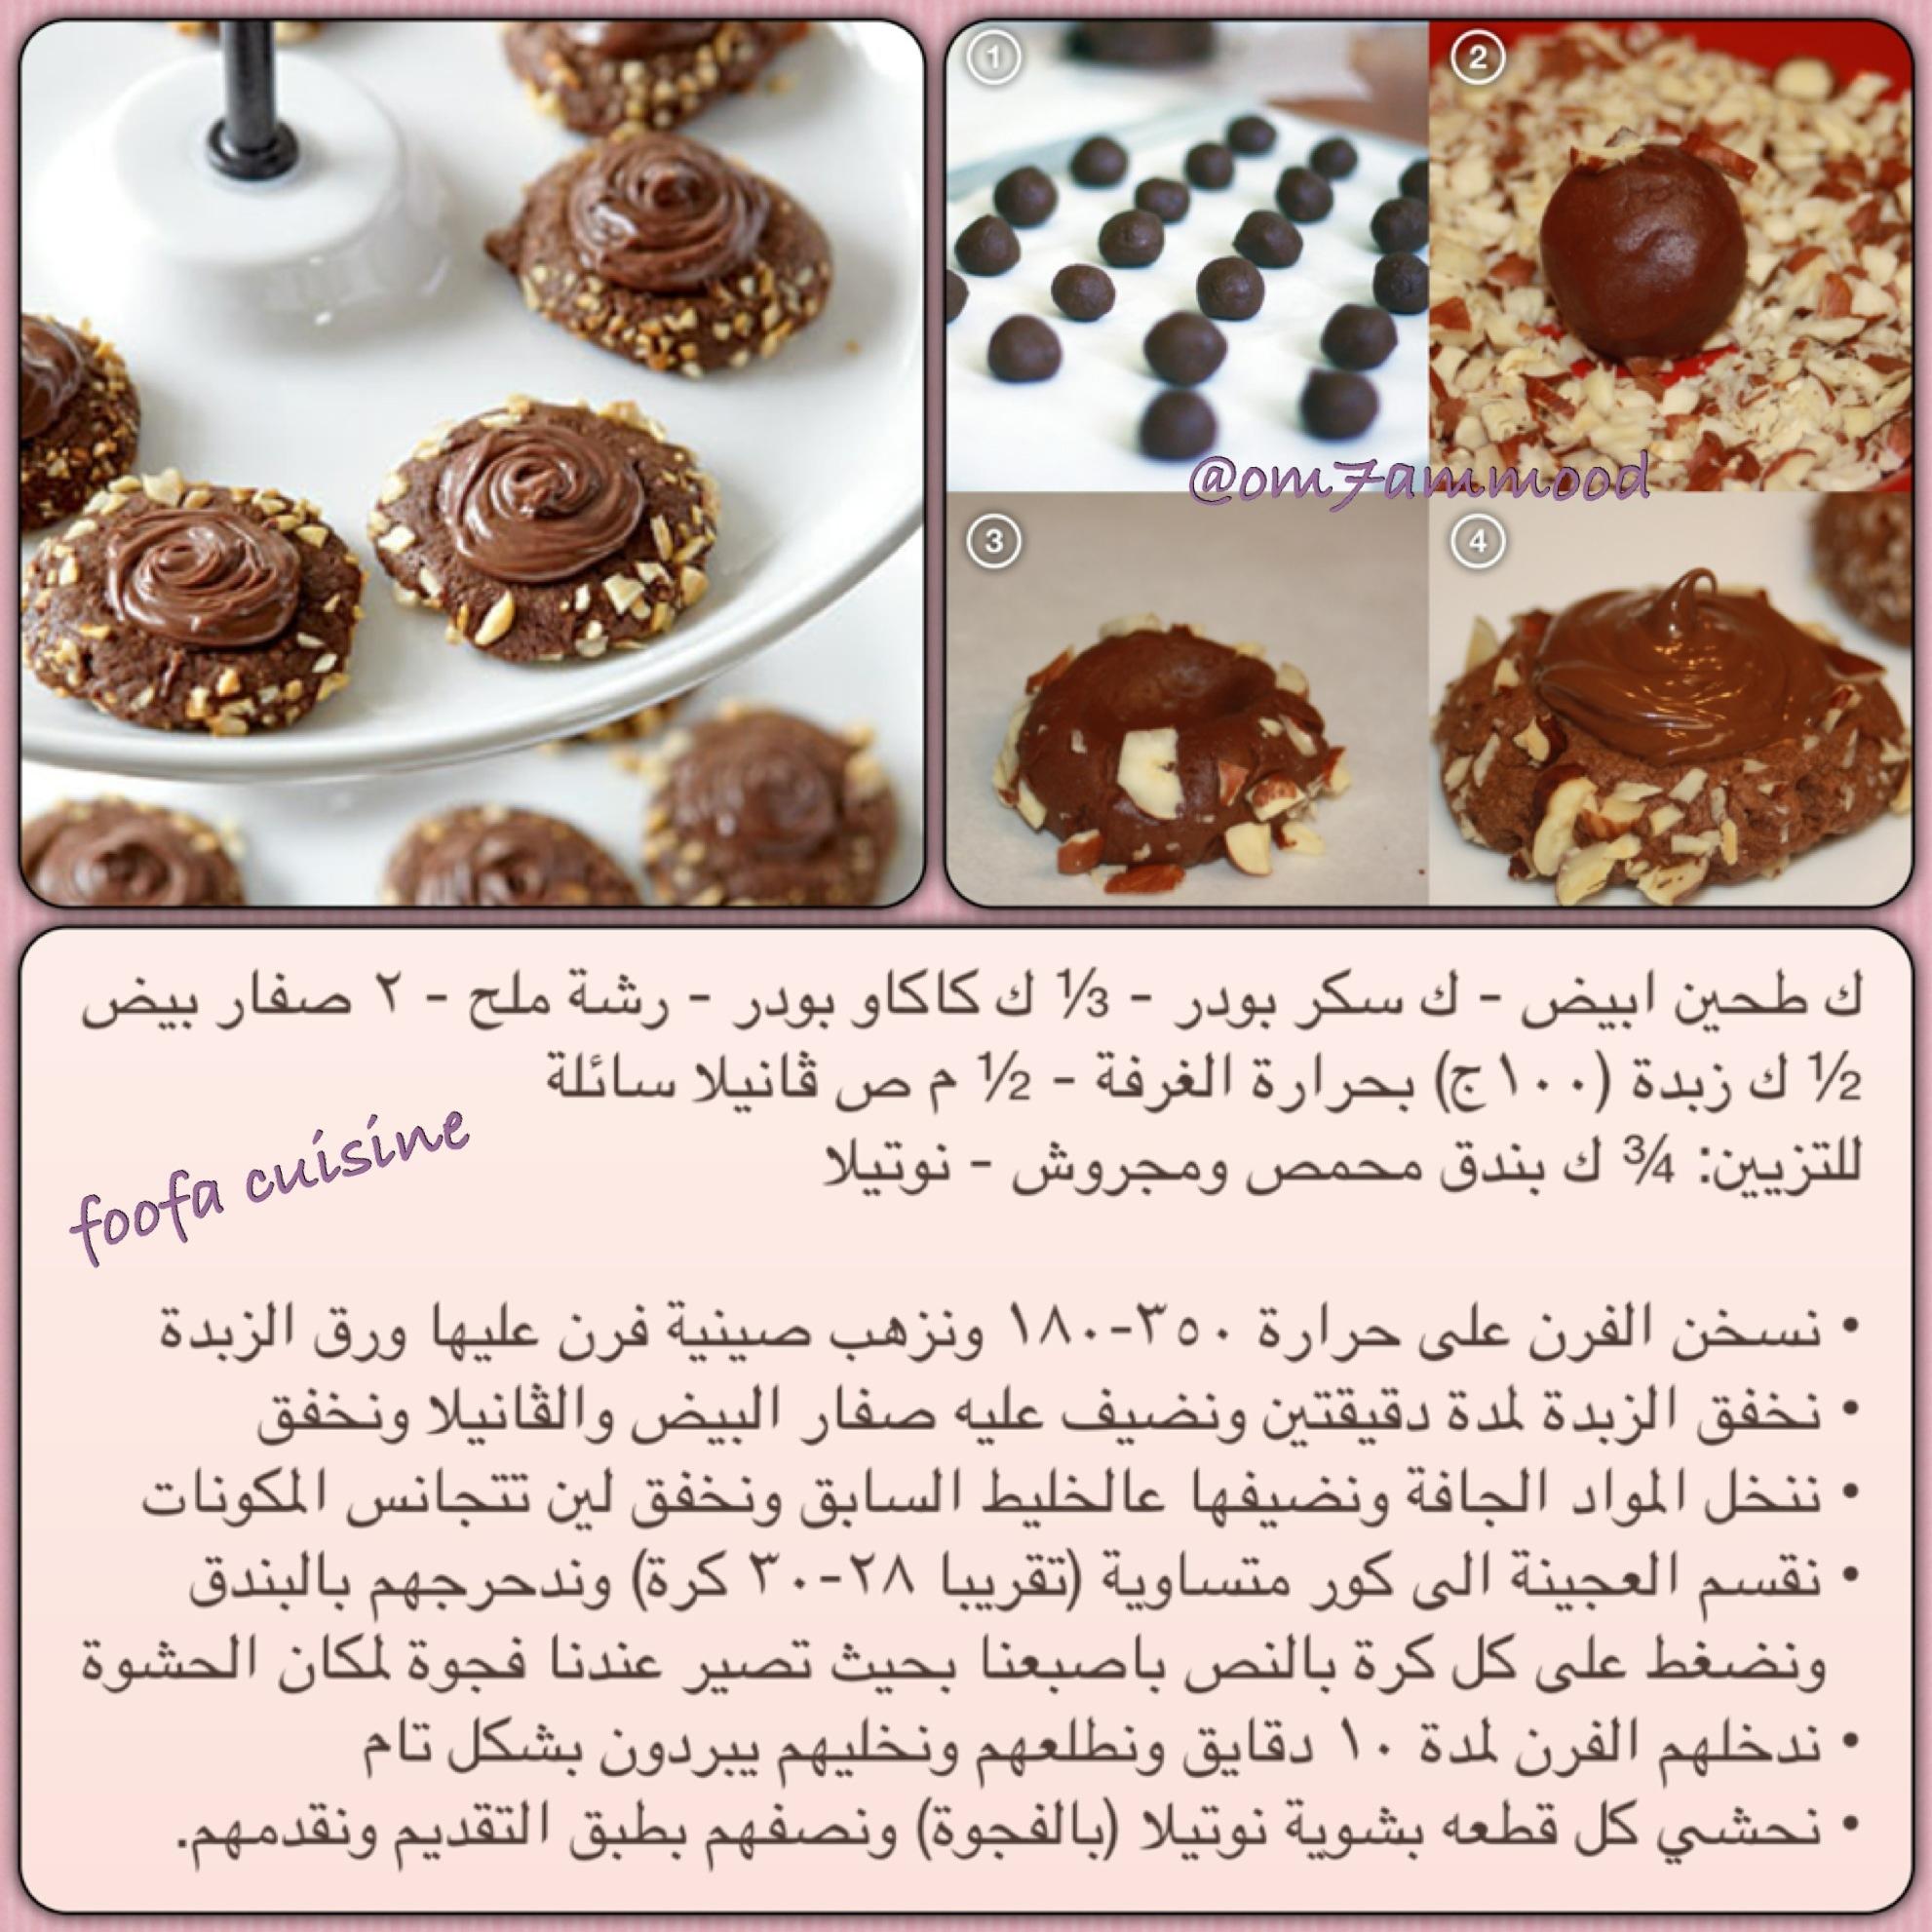 بالصور وصفات حلويات بالصور , لمن يعشق الحلويات و صفات بالصور لاجمل الحلويات 3324 12